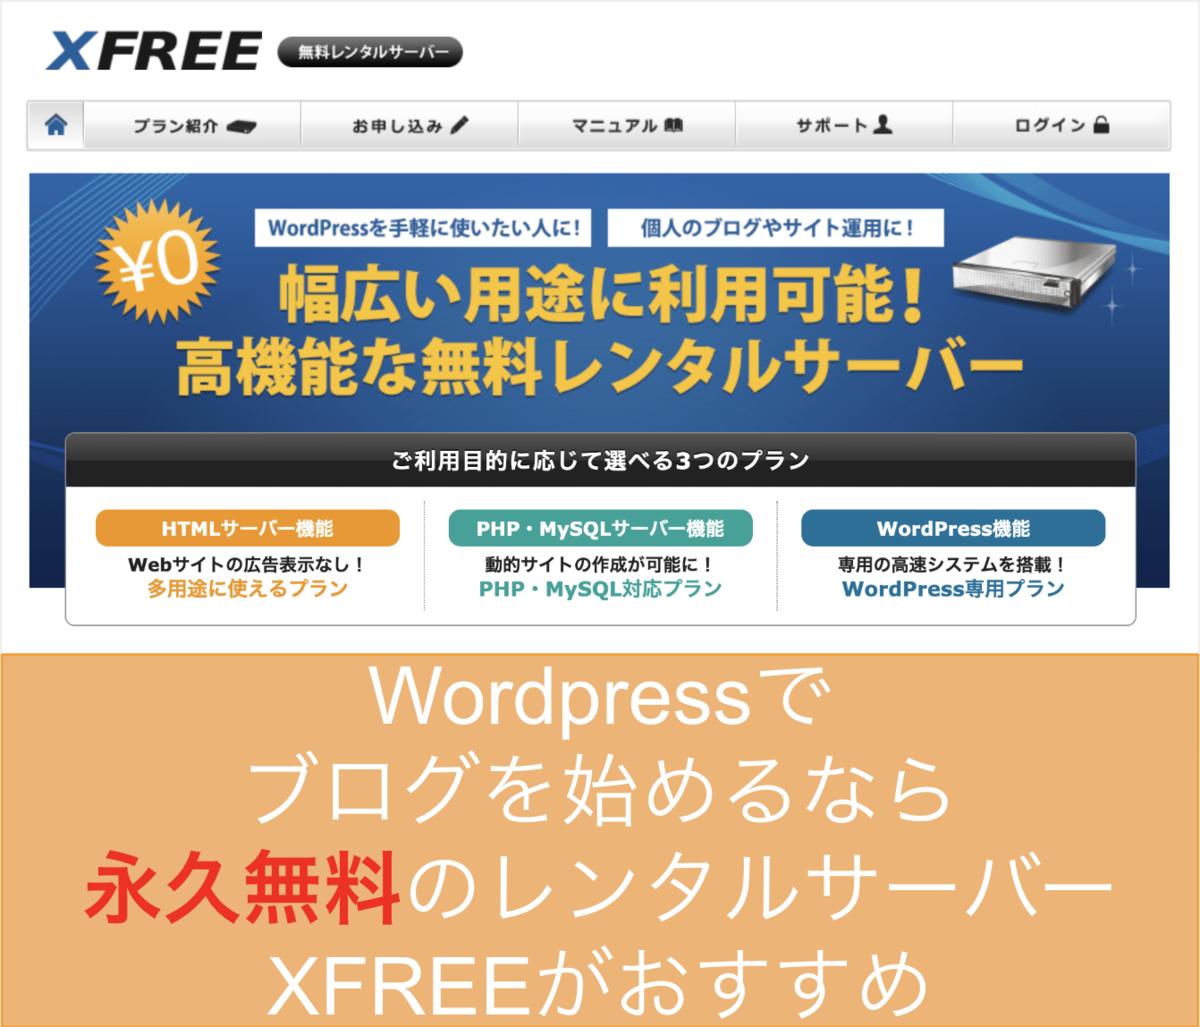 Wordpressでブログを始めようと考えている方には永久無料のレンタルサーバーXFREEがおすすめ